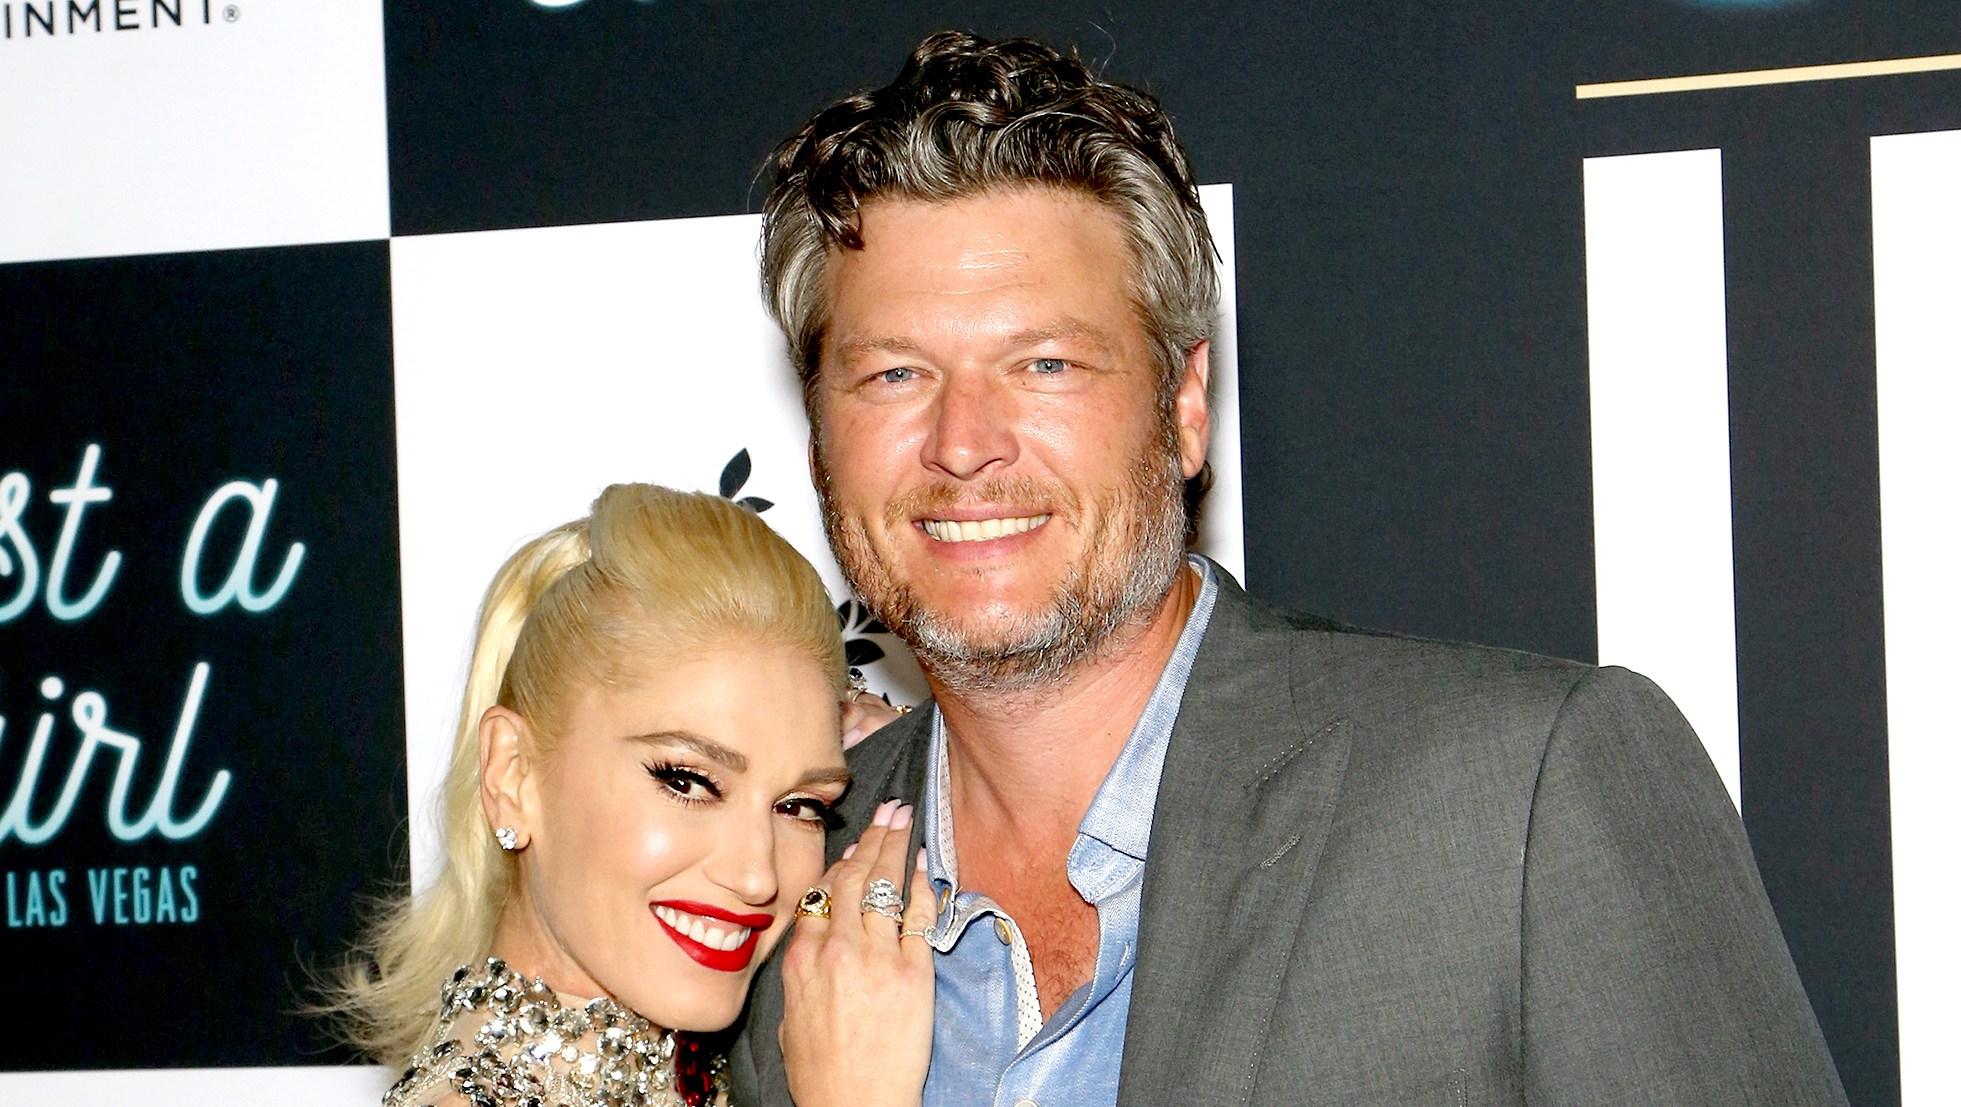 Gwen-Stefani-Posts-Photoshopped-Picture-With-Boyfriend-Blake-Shelton